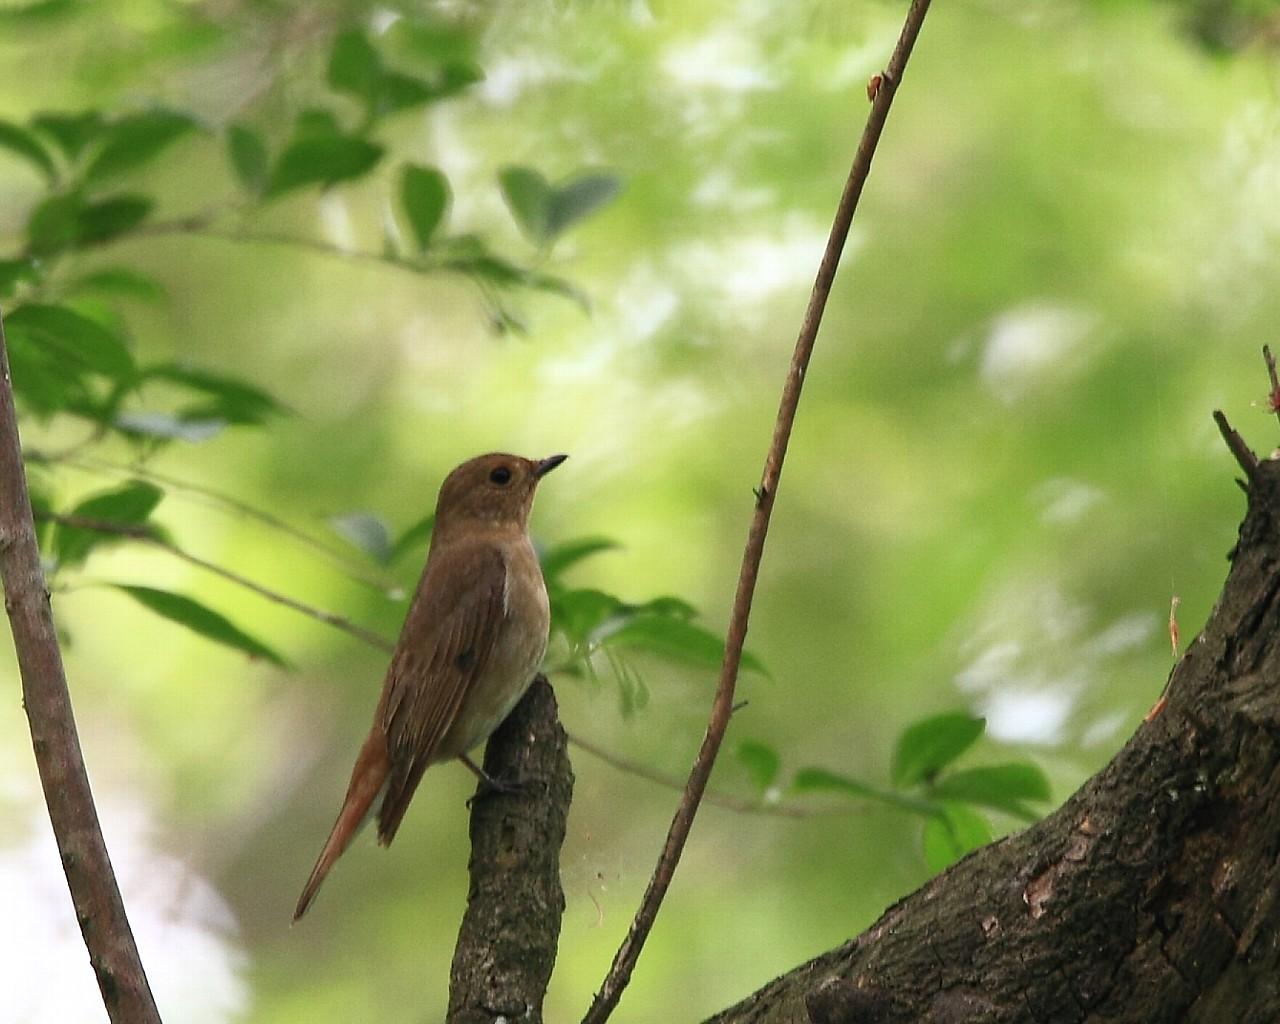 意外な場所で意外な鳥に逢えると嬉しいですね!_f0105570_2182355.jpg